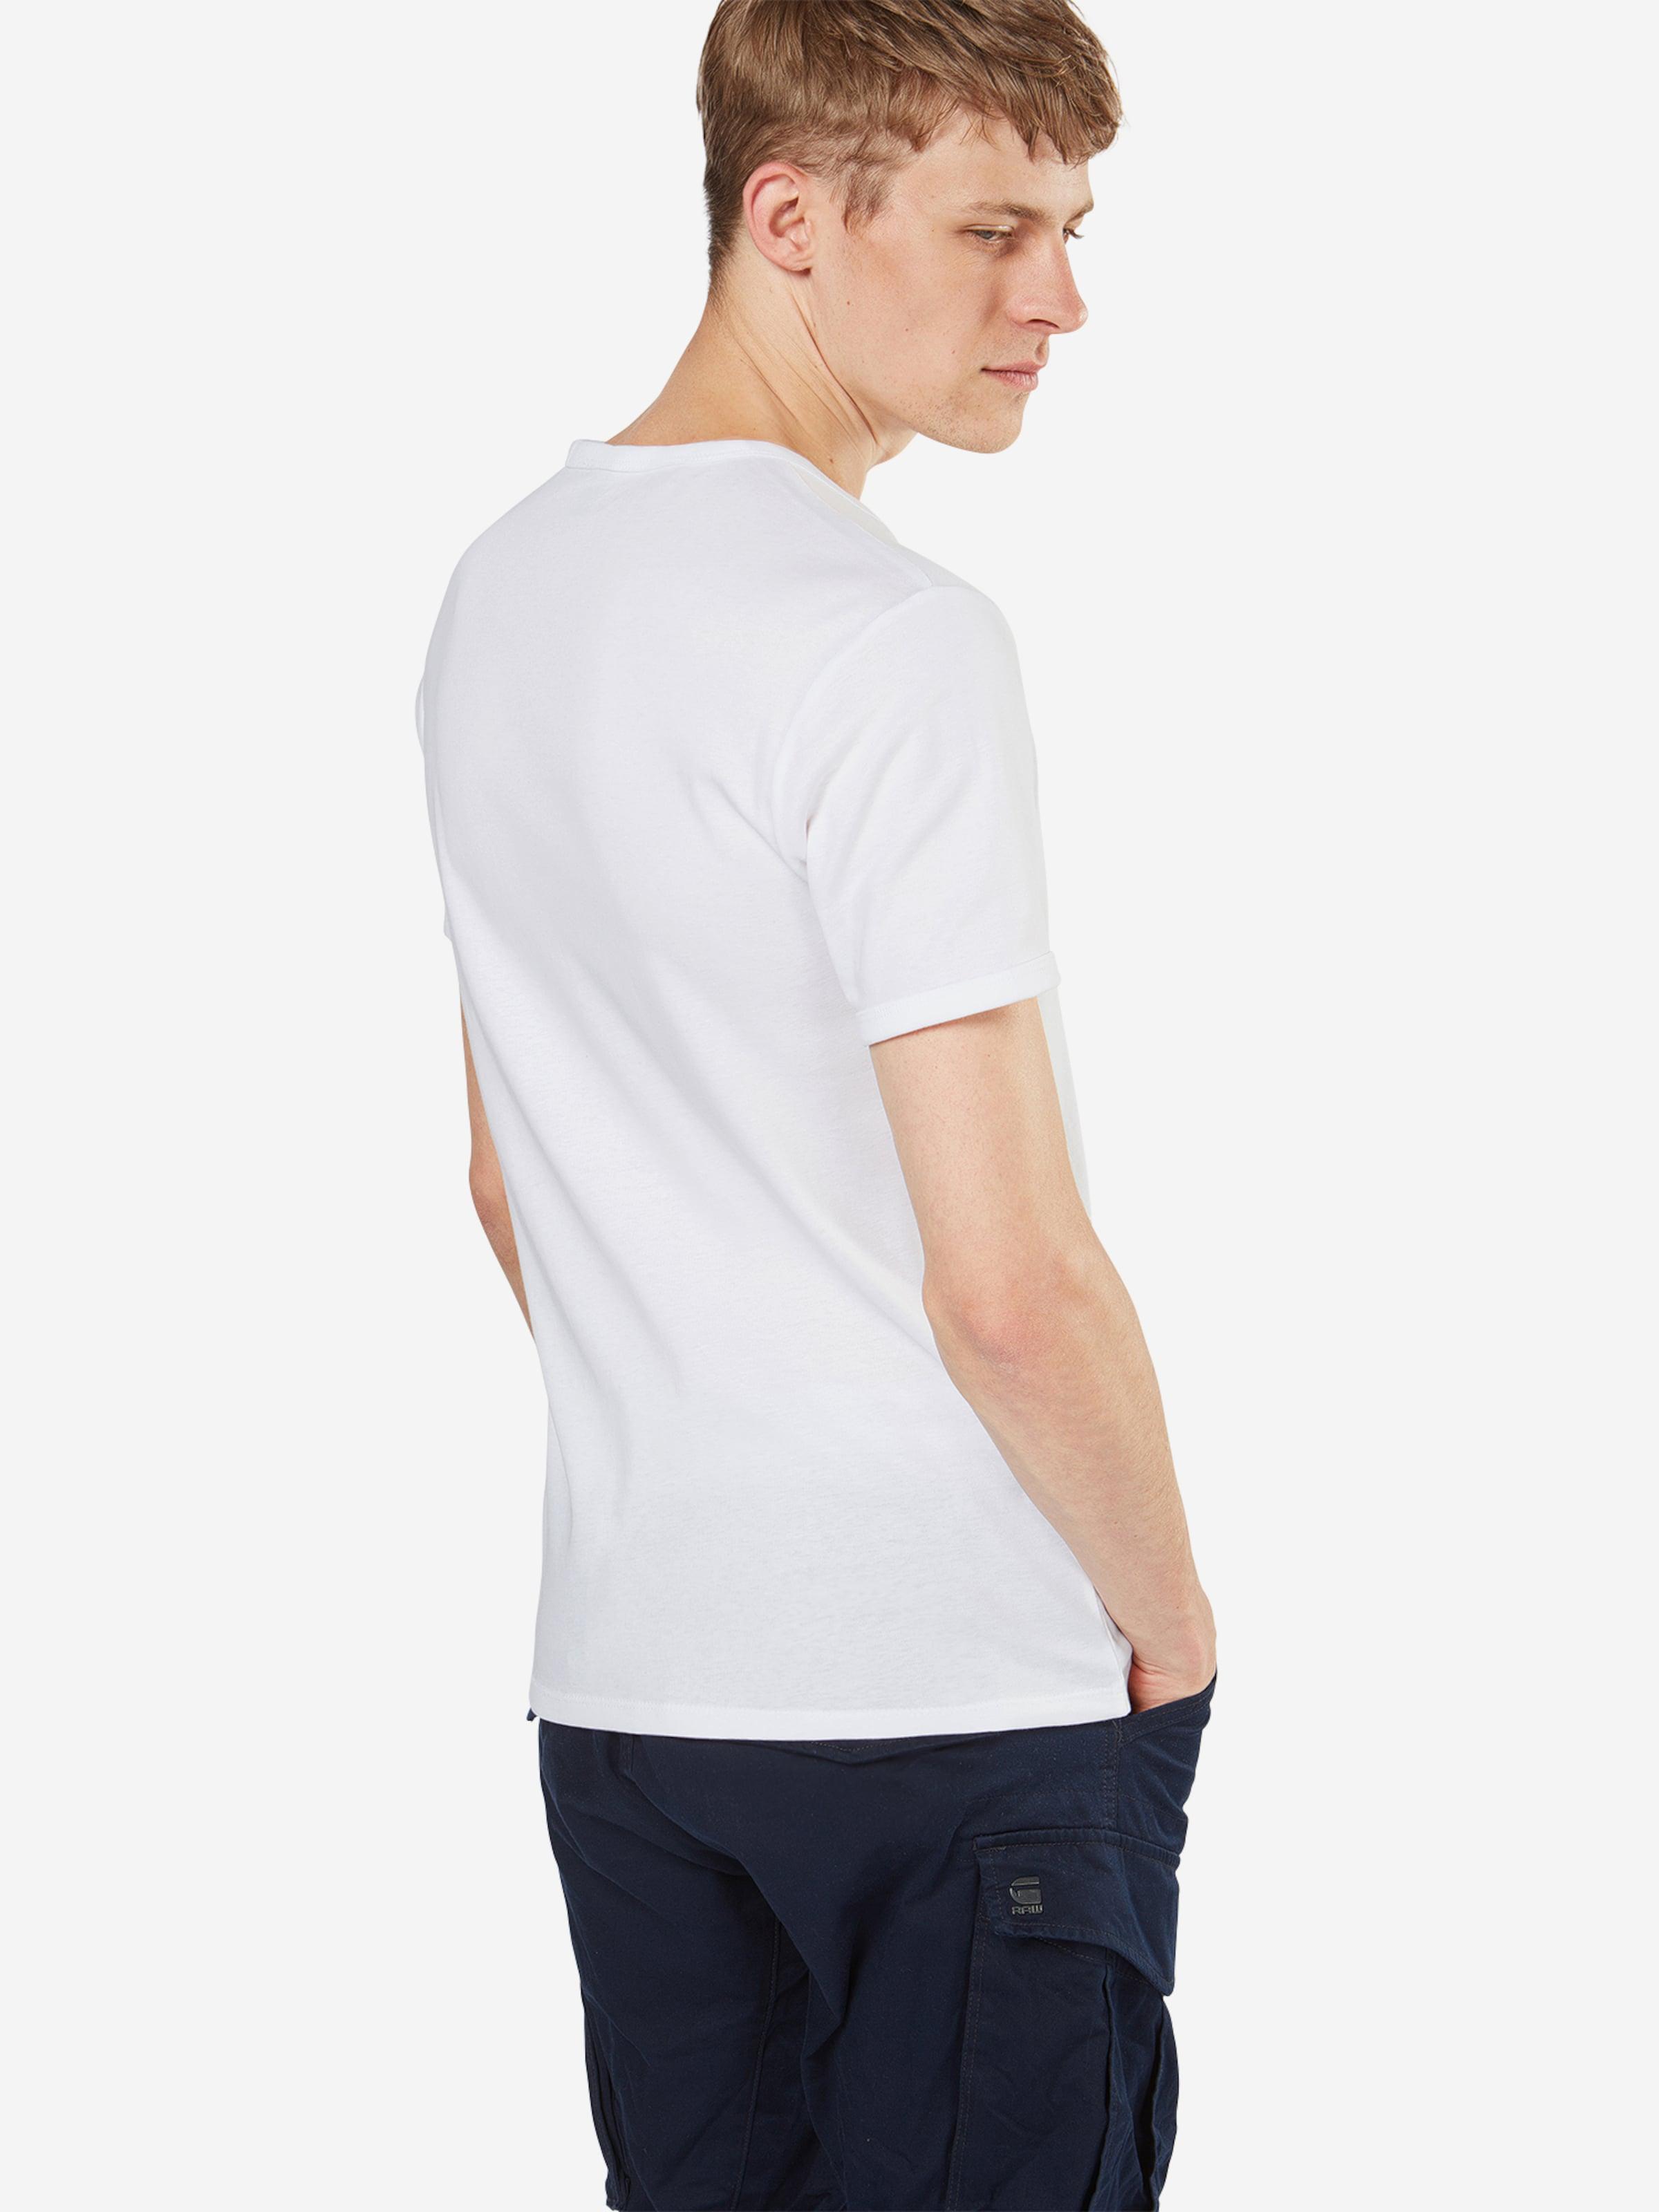 G-STAR RAW T-Shirt im 2er-Pack mit Rundhalsausschnitt 'Base' Billig Erschwinglich Aaa Qualität Verkauf Neuesten Kollektionen Großer Rabatt Zum Verkauf gIM4trD